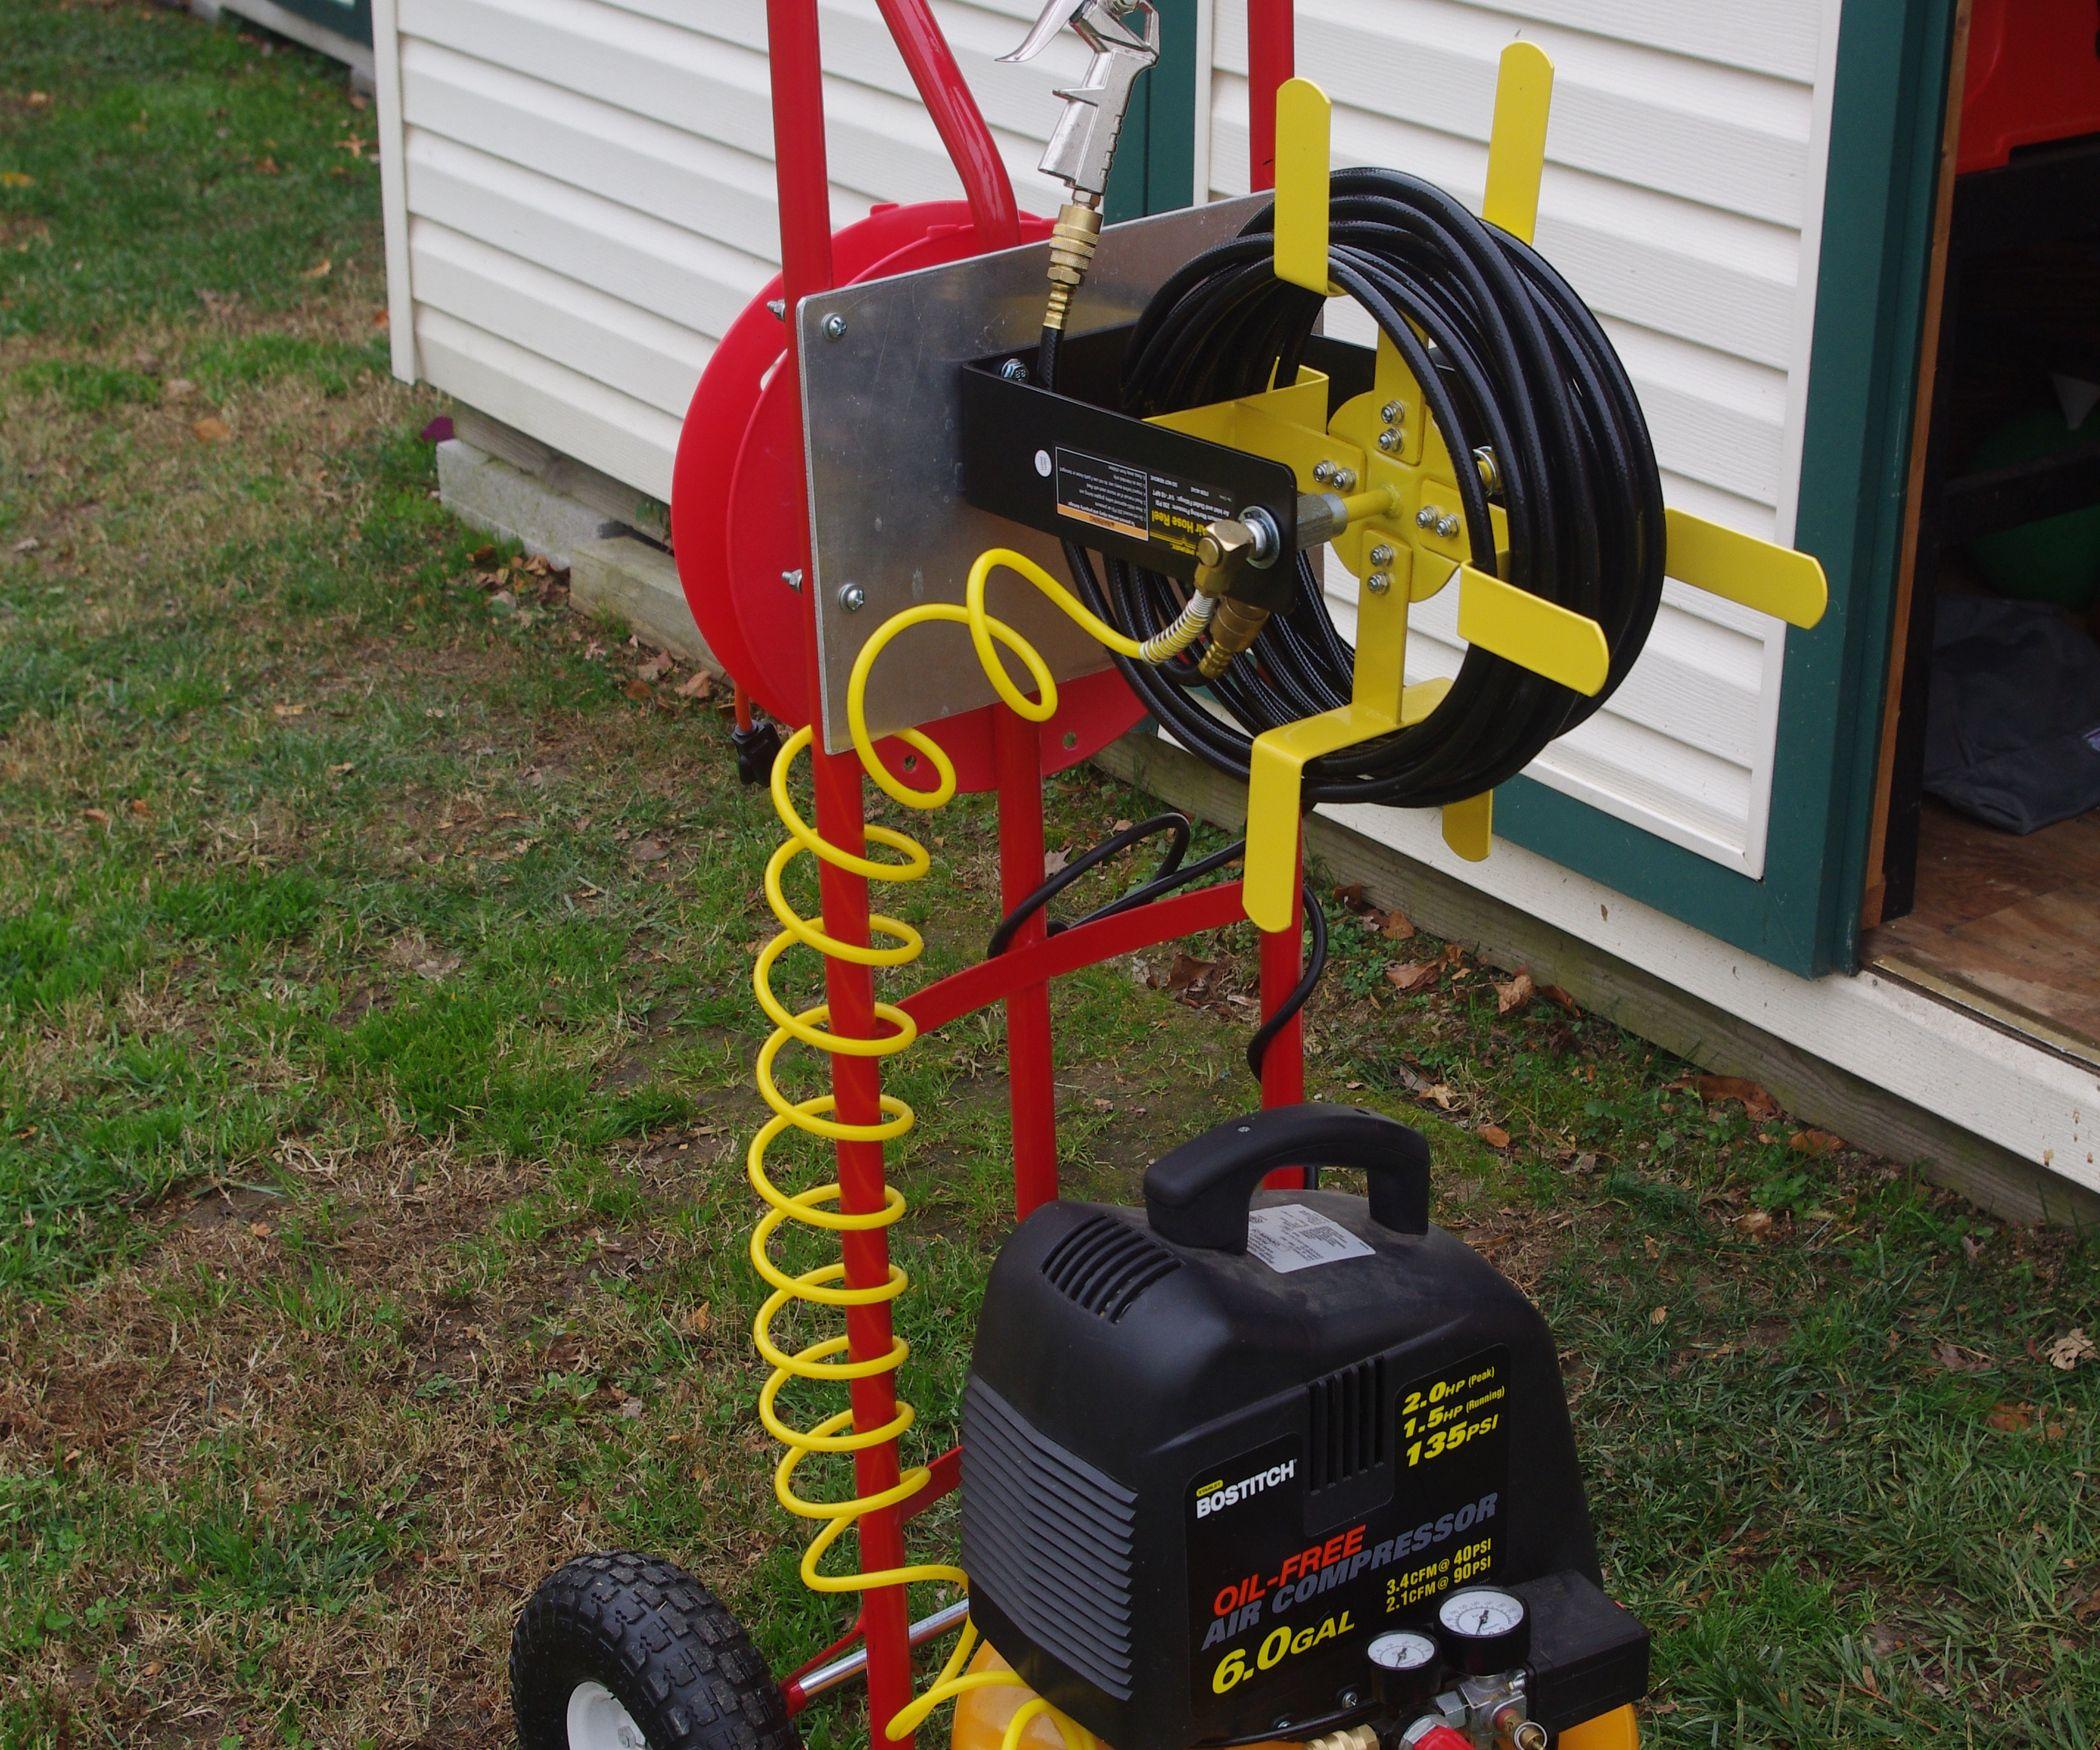 Mobile Compressor Cart for Under 50 Garage storage